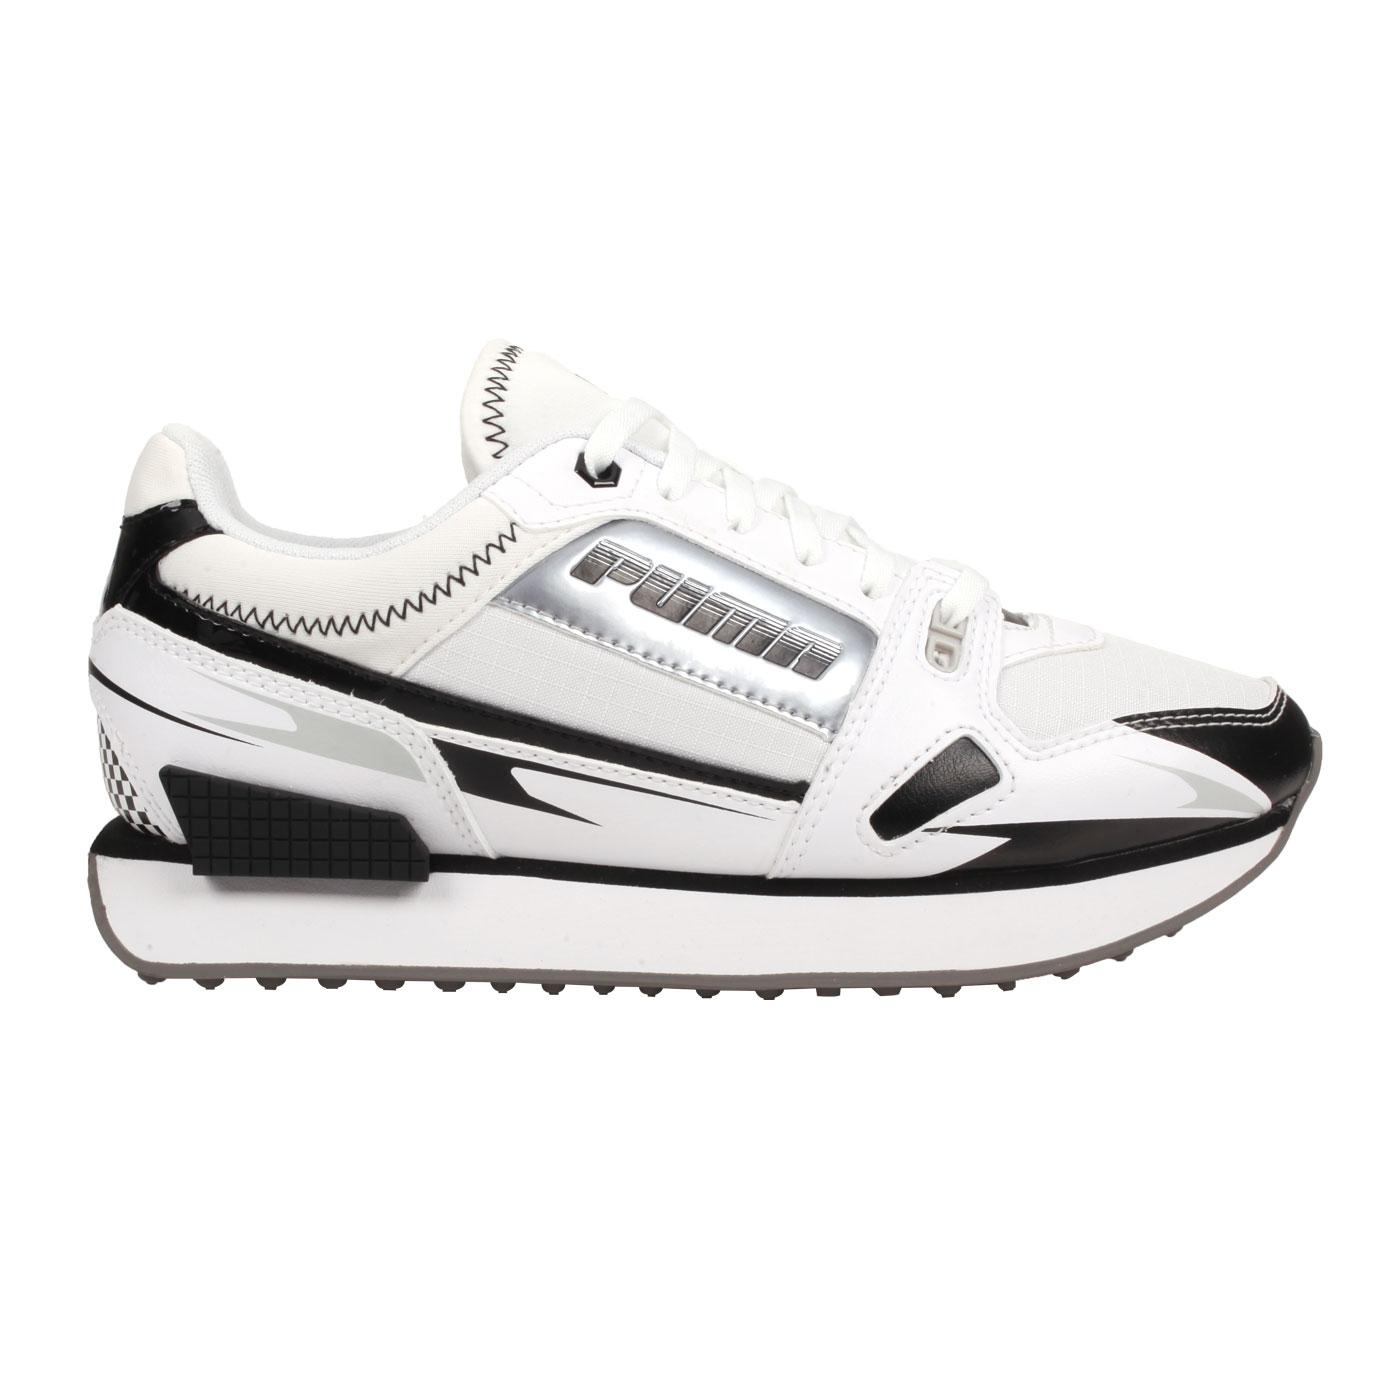 PUMA 女款休閒鞋 37344305 - 白黑